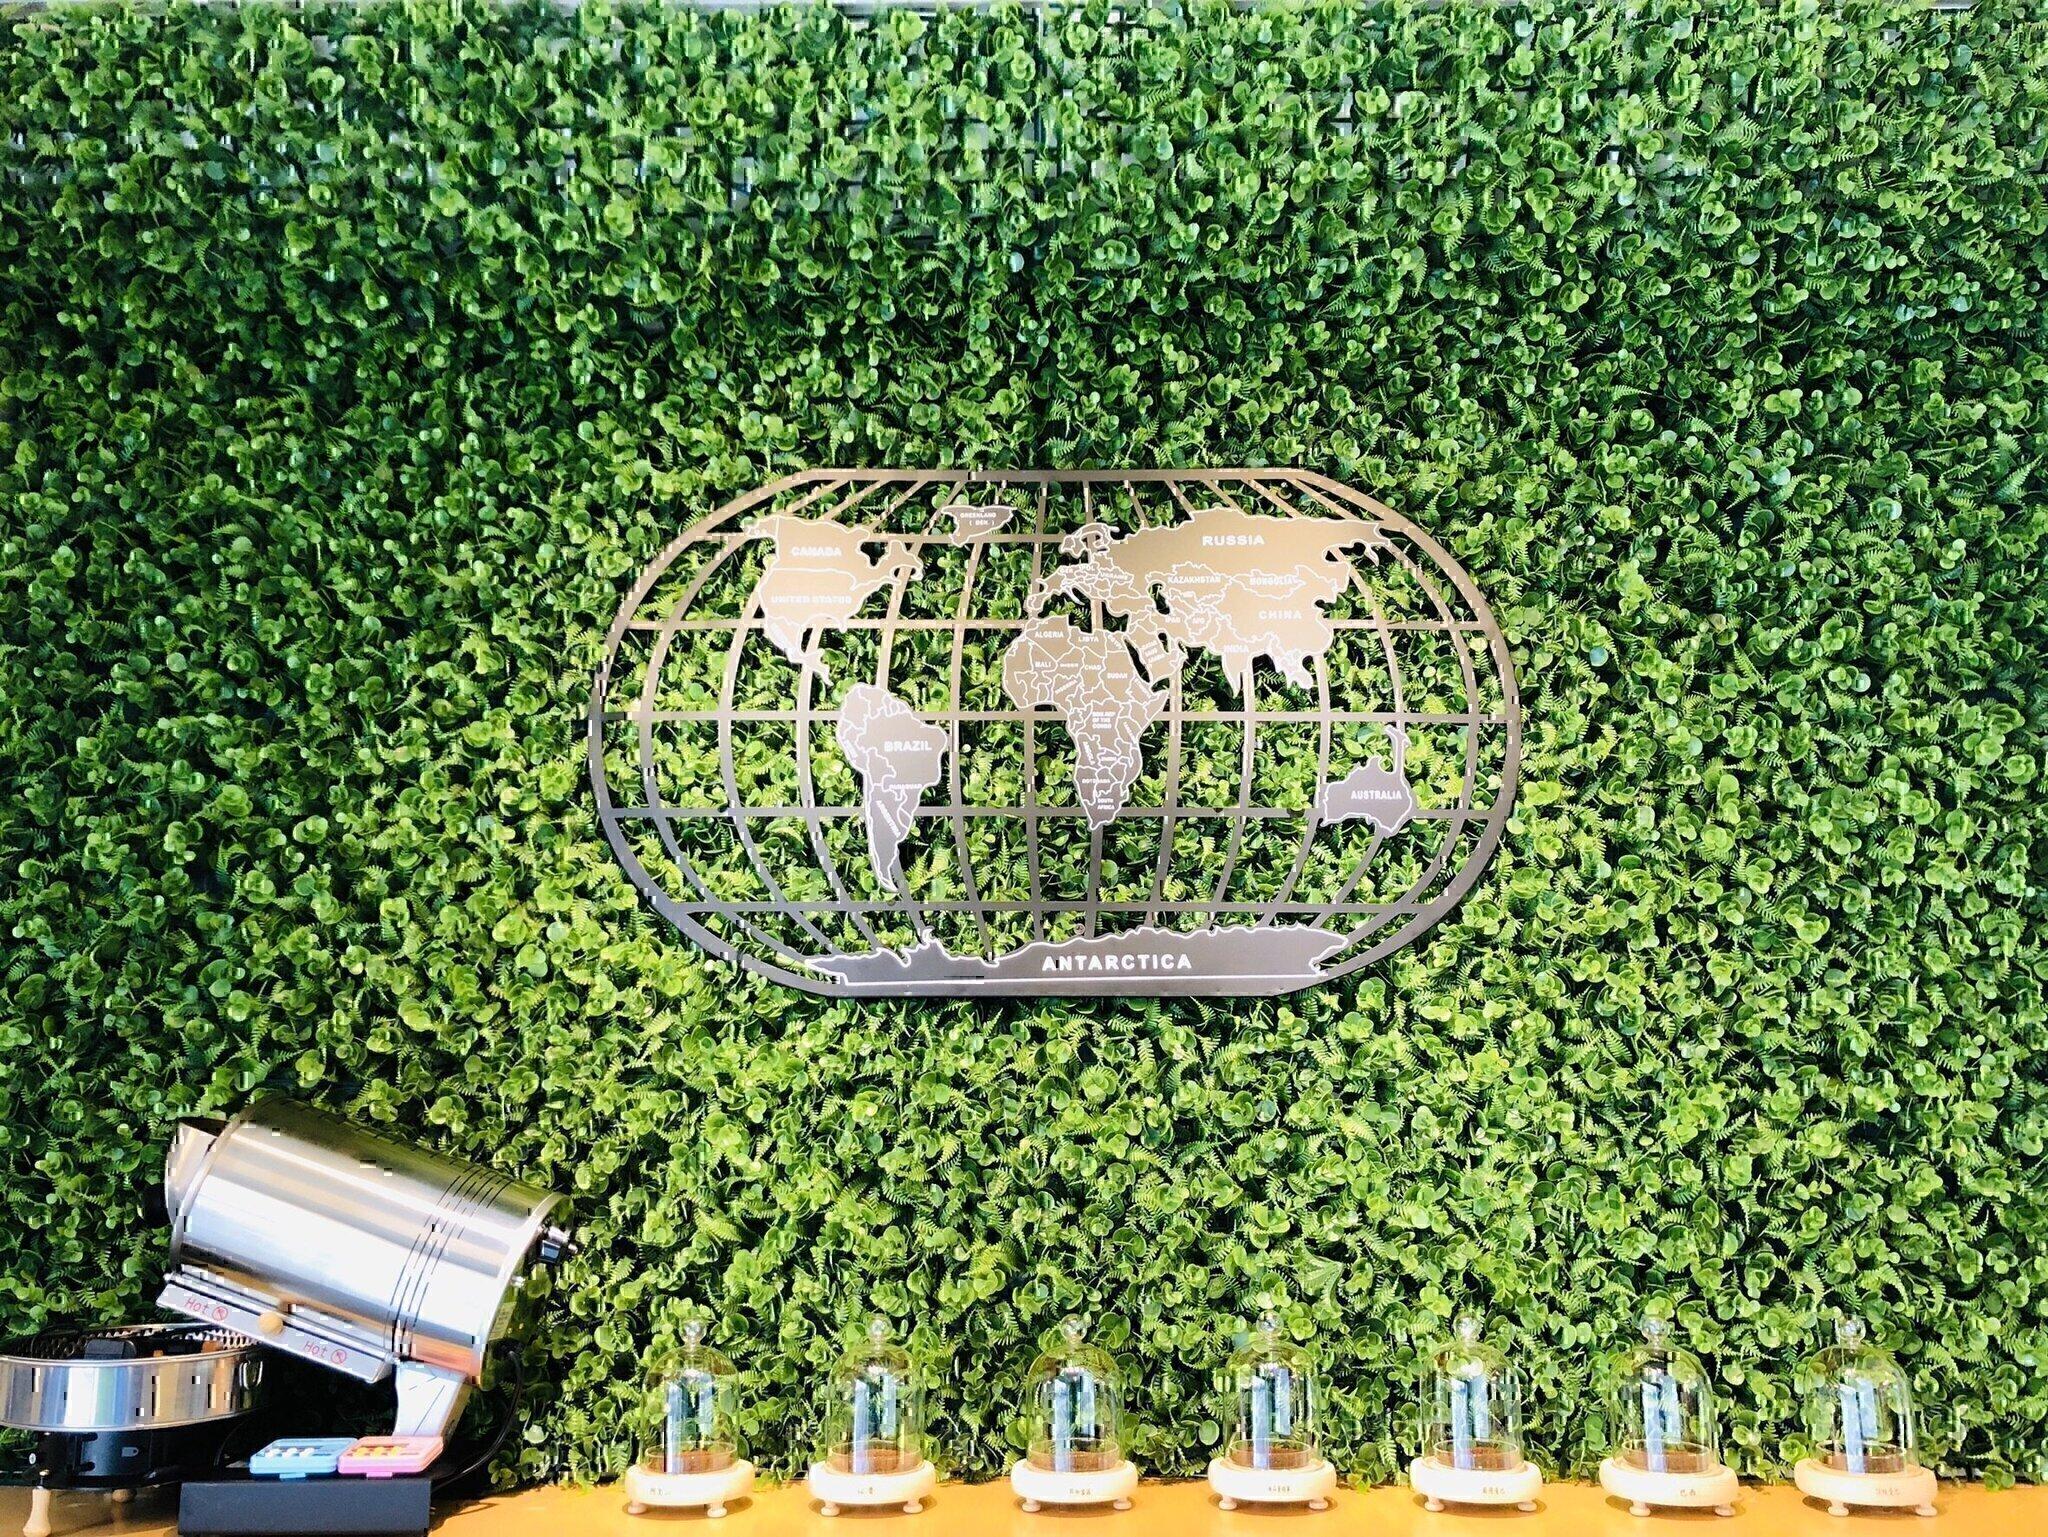 慕光咖啡店內裝飾牆.jpg